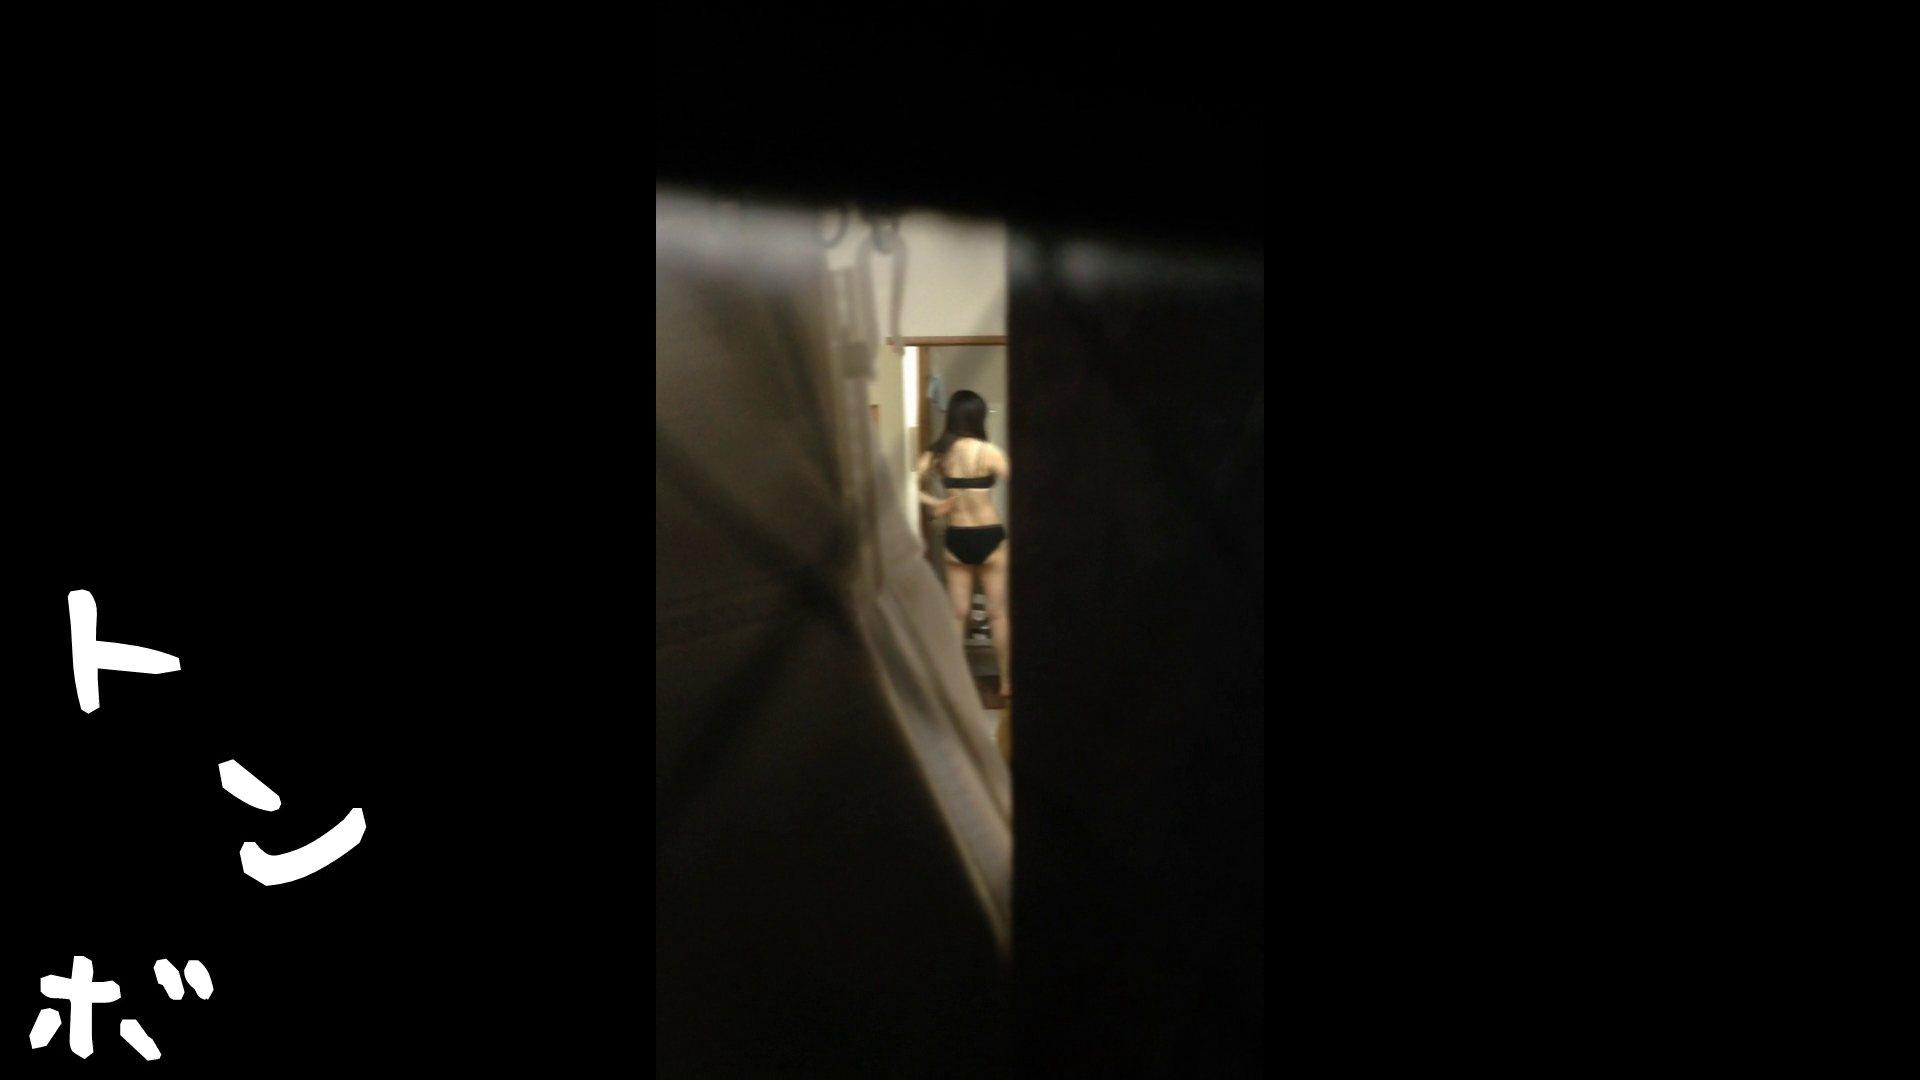 【リアル盗撮】元ジュディマリのYIUKI似 某歌手丸秘ヌード 潜入エロ調査   美女達のヌード  61連発 13